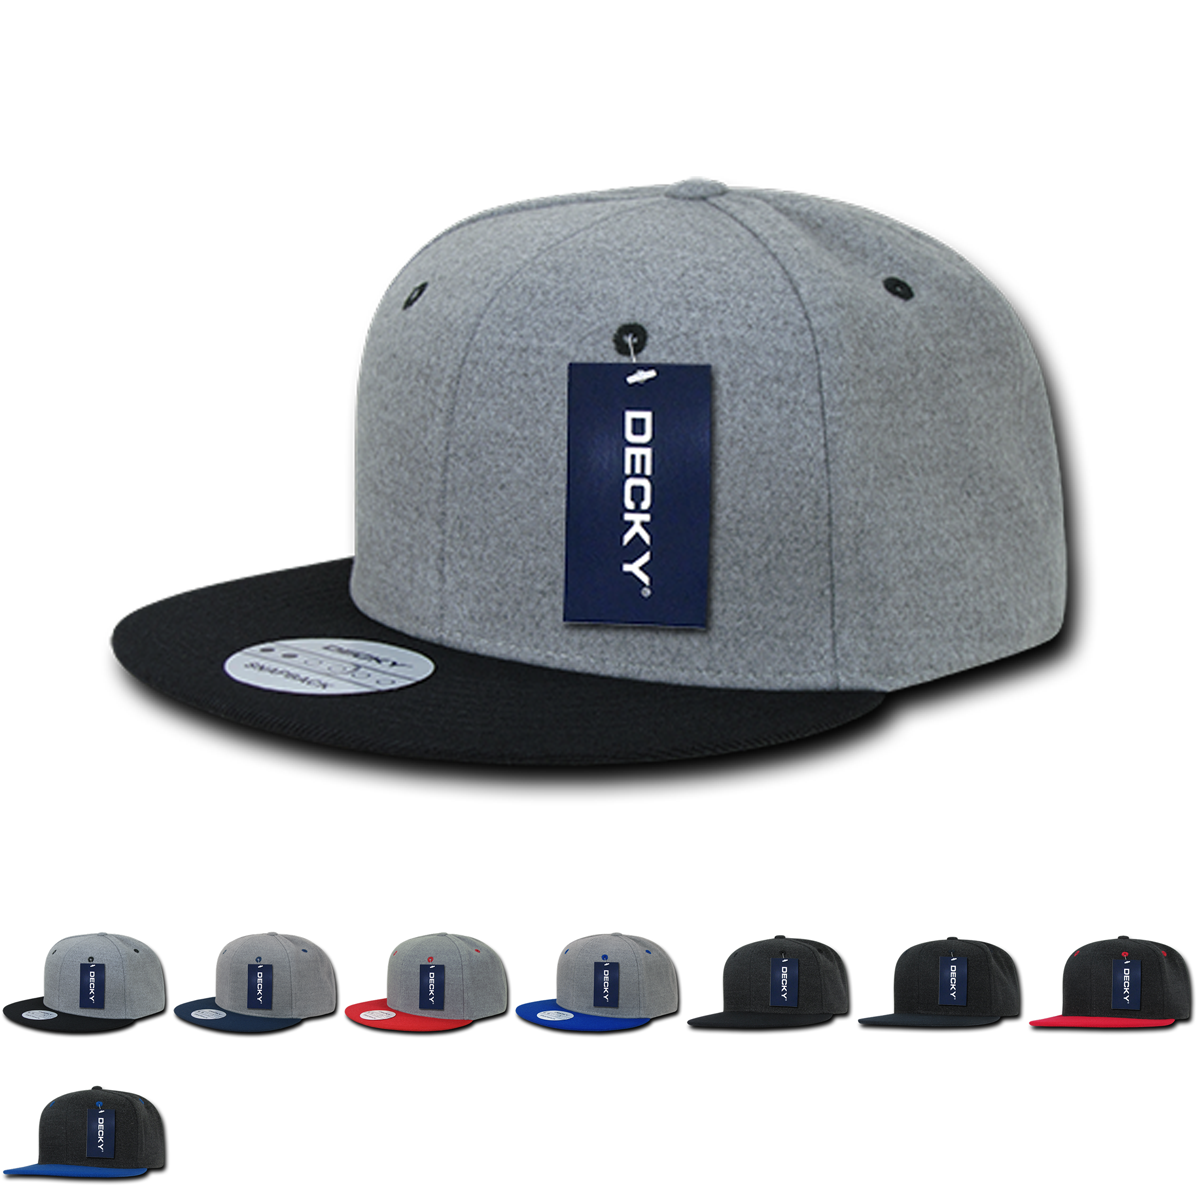 Wholesale Blank Melton Wool Flat Bill Snapback Hats Decky 1087 Snapback Hats Wholesale Blanks Melton